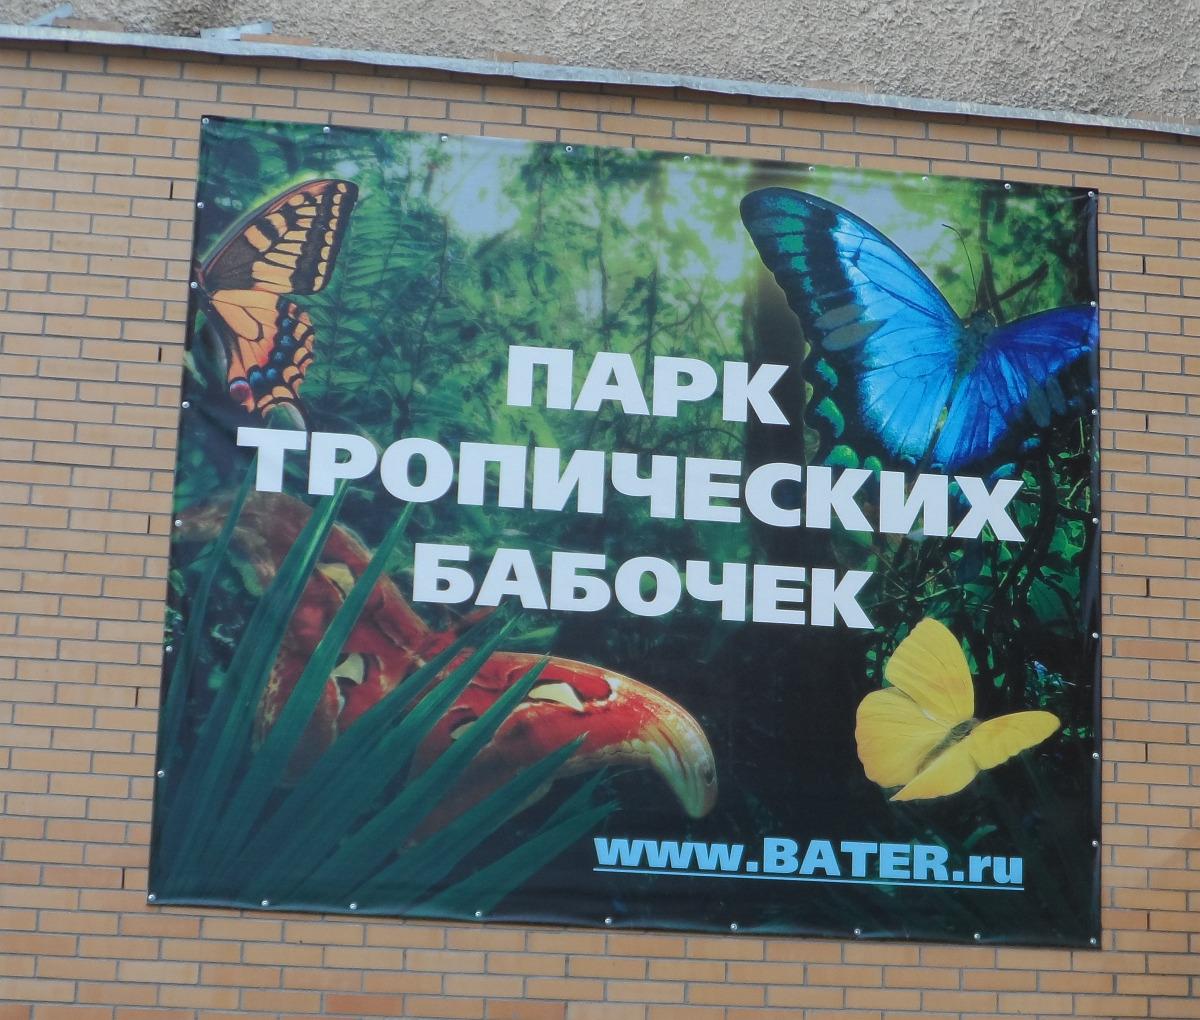 кто предложил знакомому коллекционировать бабочек